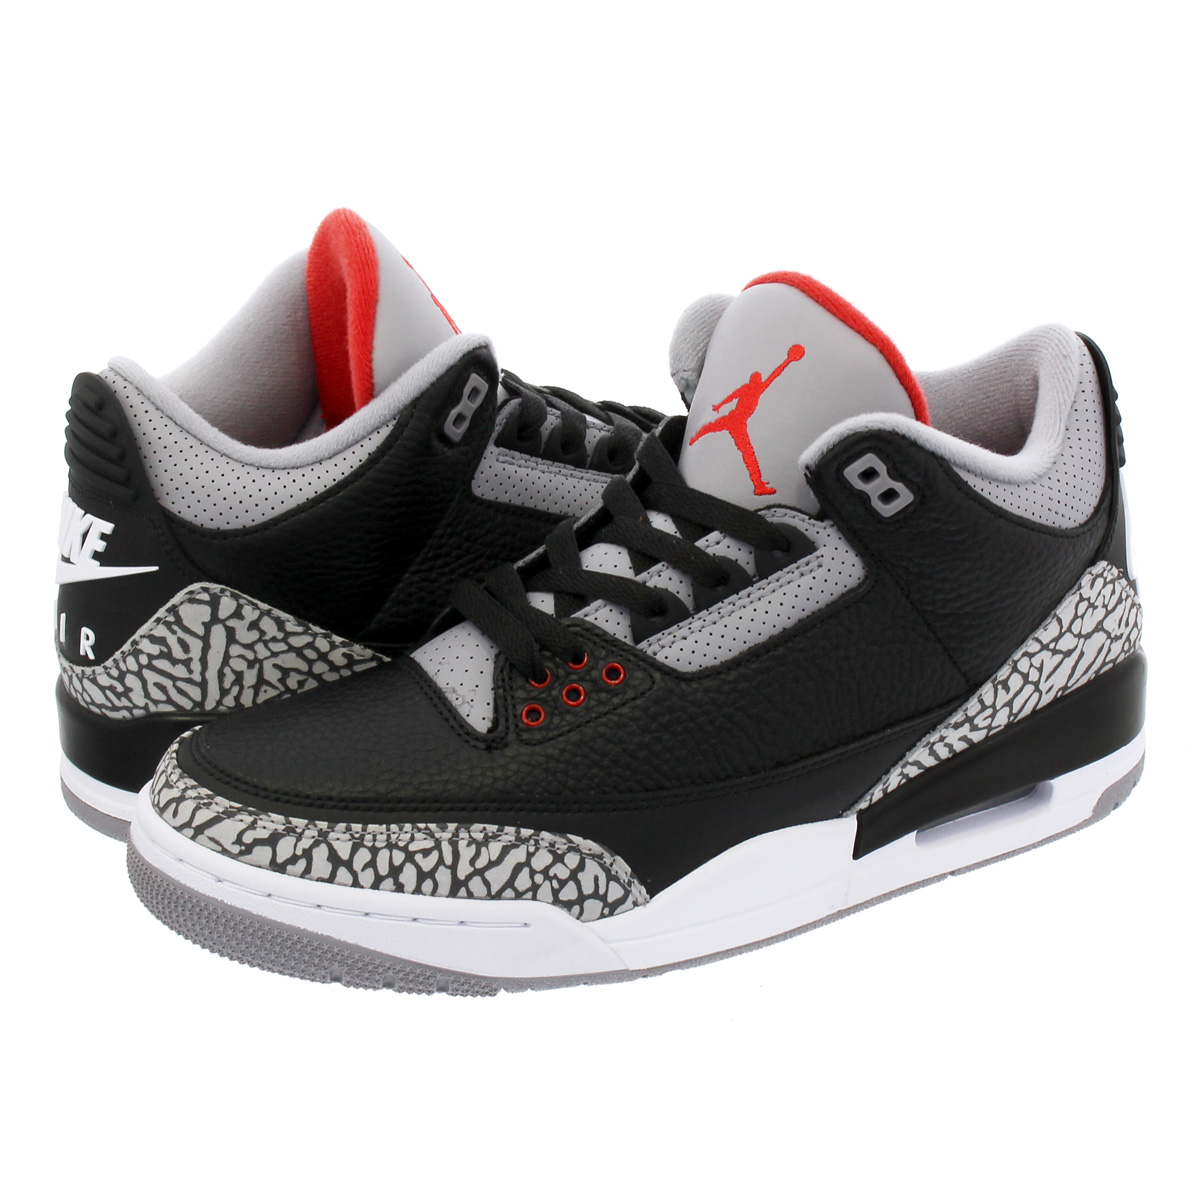 NIKE AIR JORDAN 3 RETRO OG Nike Air Jordan 3 nostalgic OG BLACK/FIRE RED/ CEMENT GREY/WHITE